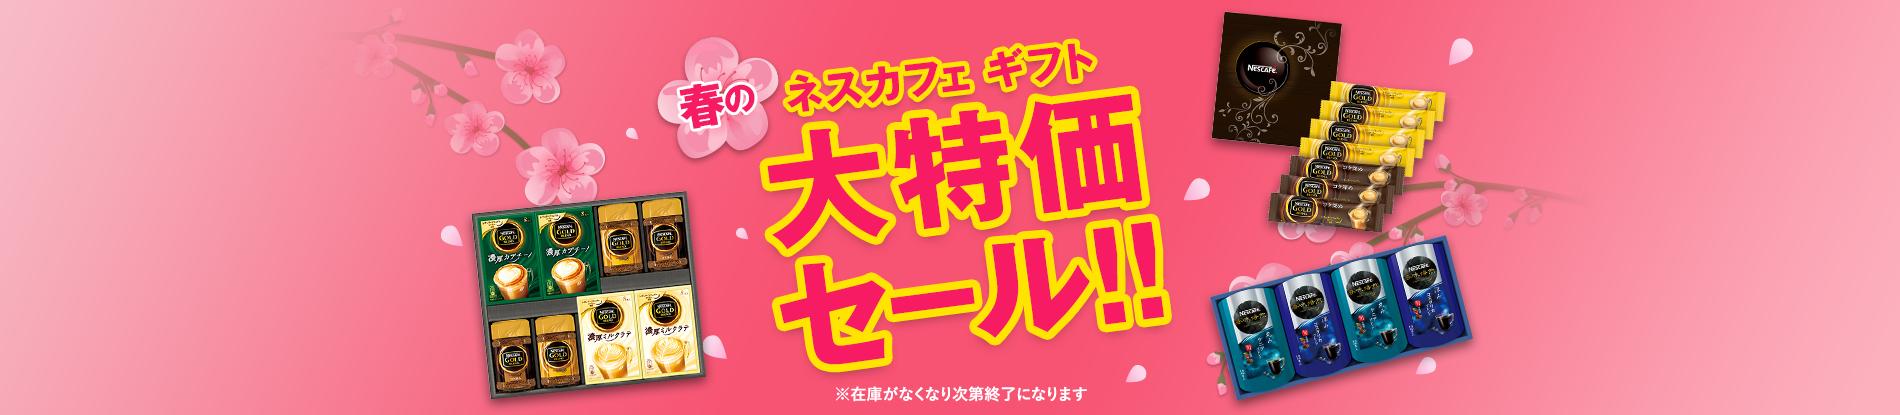 終了【ネスレ通販】春のネスカフェギフト大特価セール!